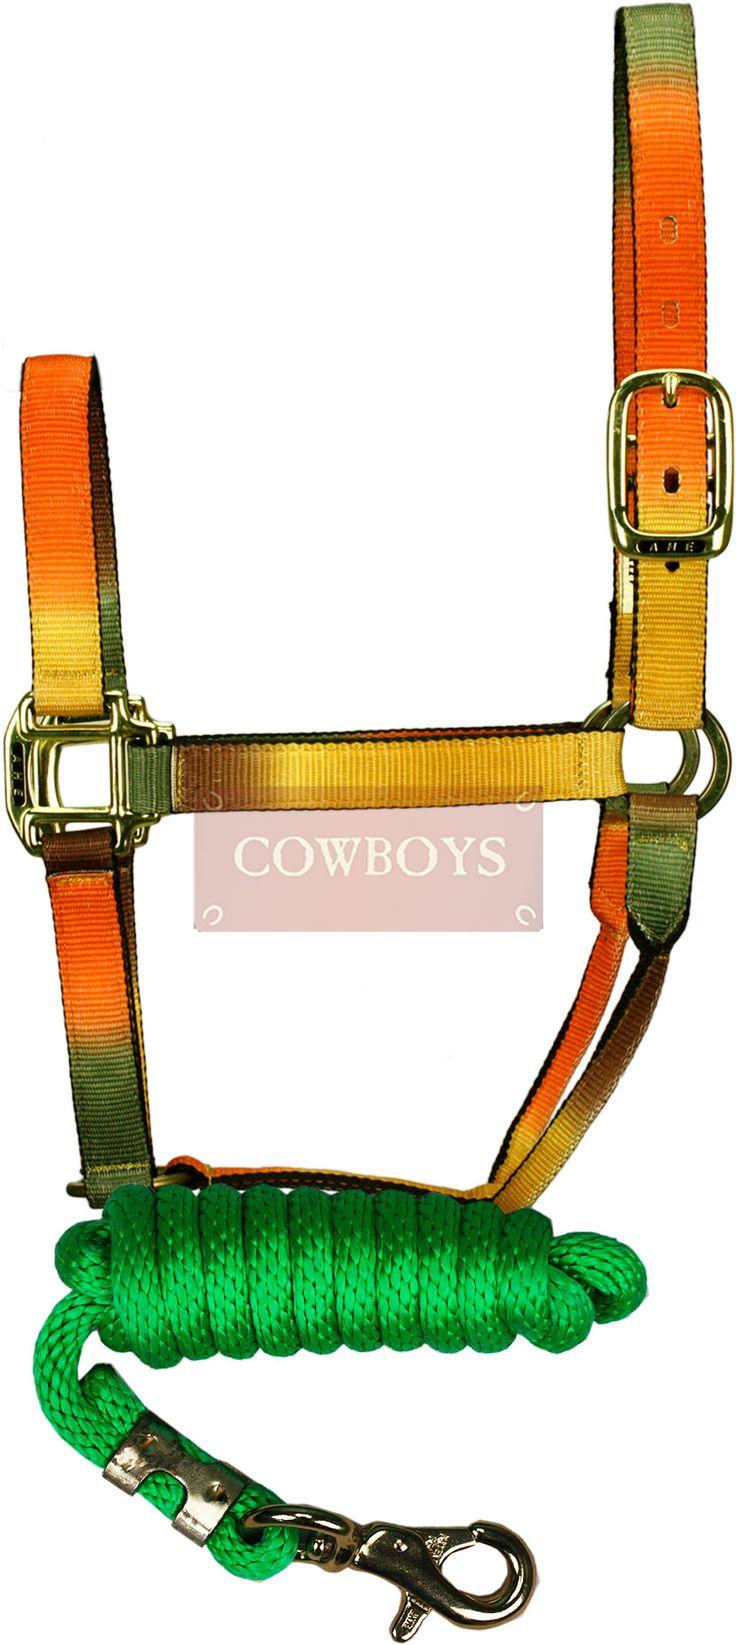 Cabresto para Cavalo Colorido Importado com Cabo Verde e Mosquetão  Conjunto com cabo e cabresto para cavalo feito em nylon colorido. Mosquetão de 10,5cm e argolas. Peça importada de alta qualidade, ideal para melhor apresentação do cavalo.